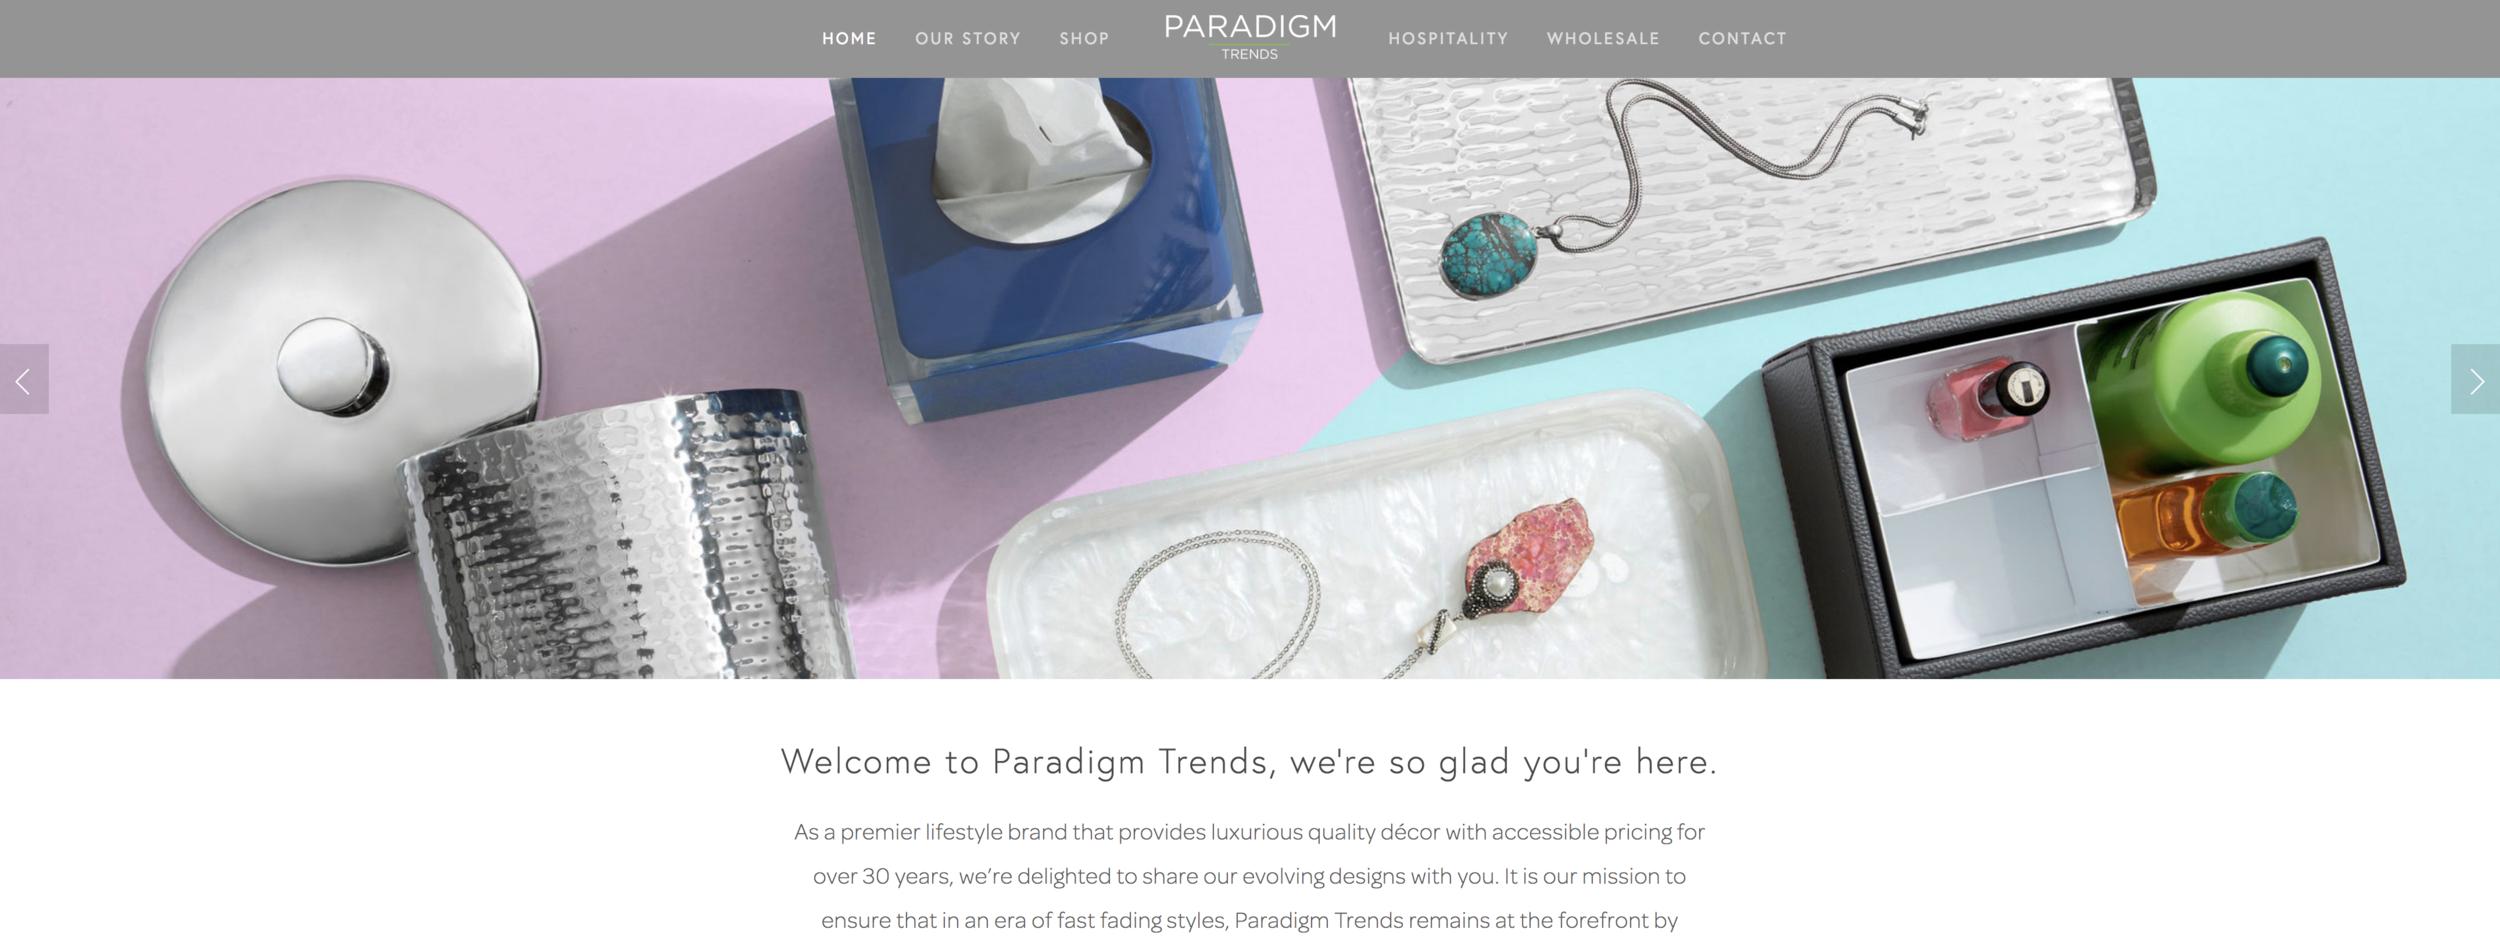 Paradigm Trends creative, website and design